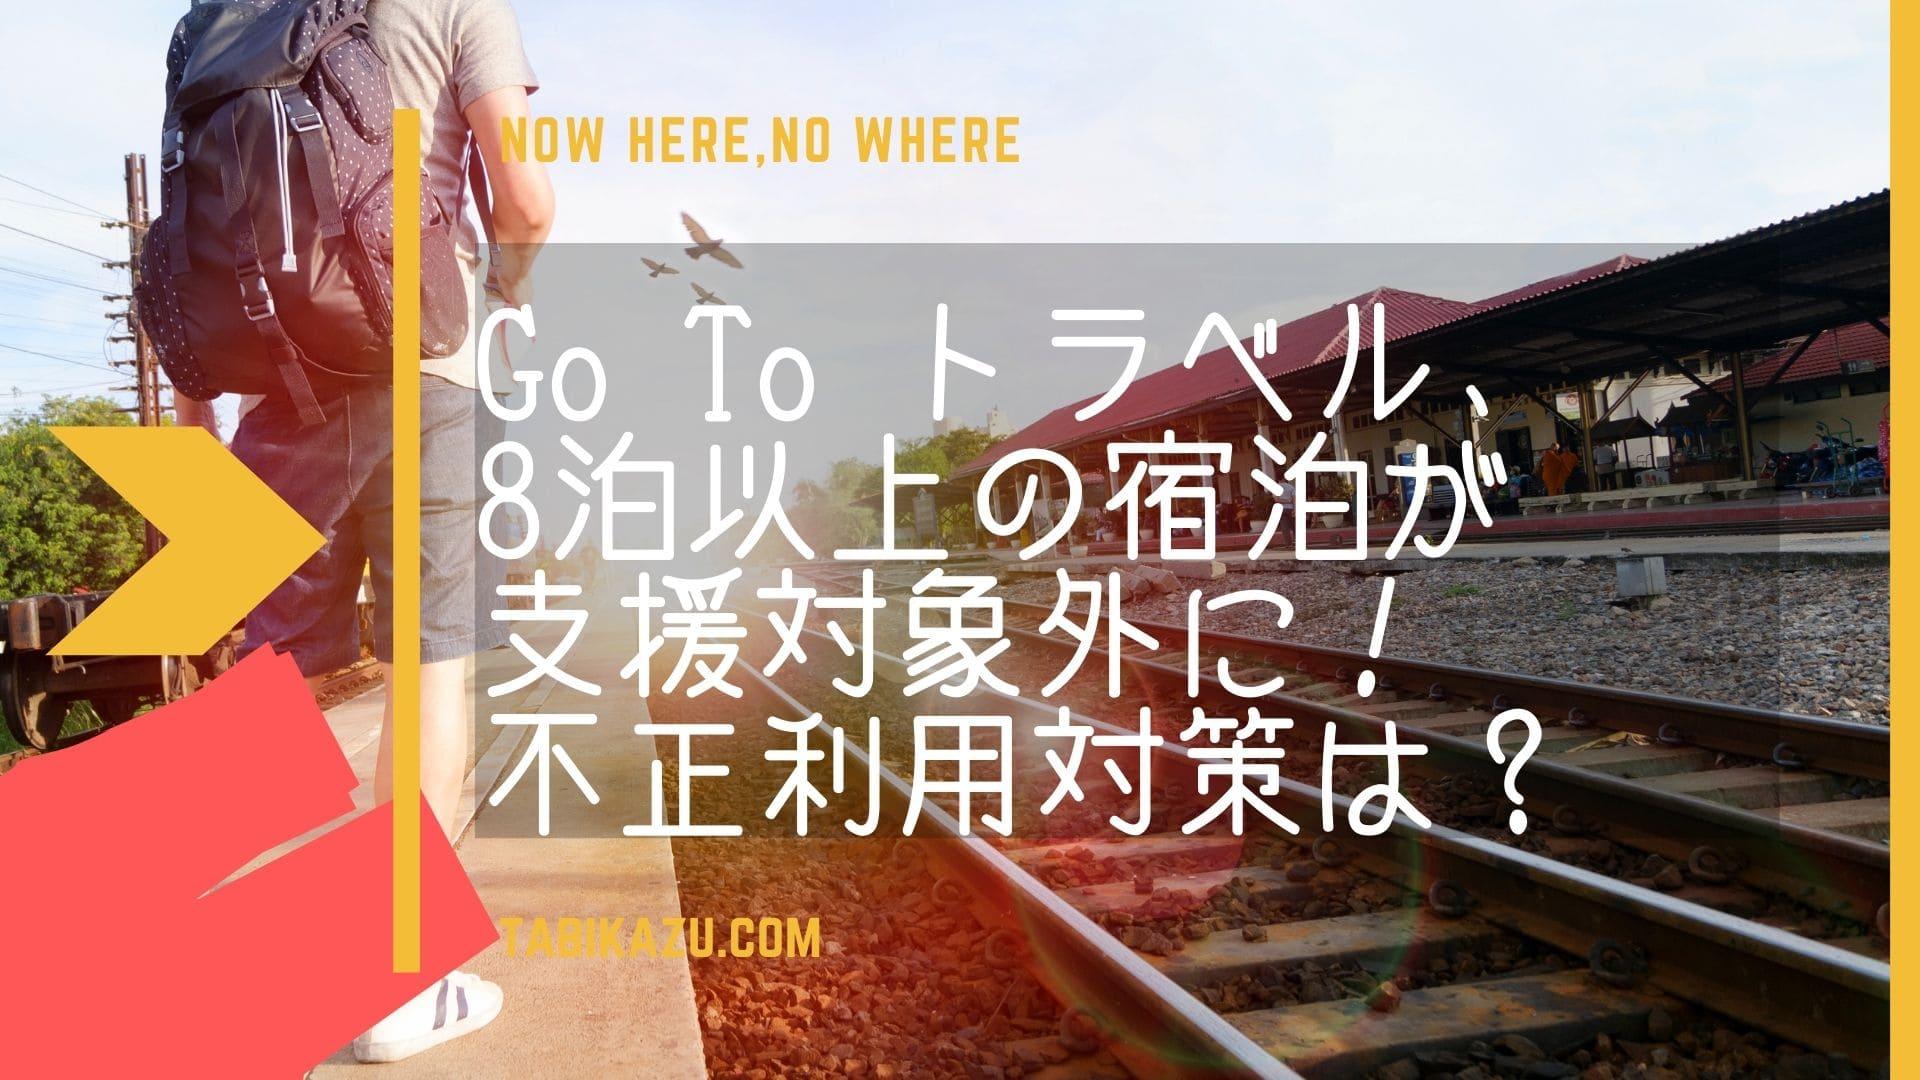 免許 go to 合宿